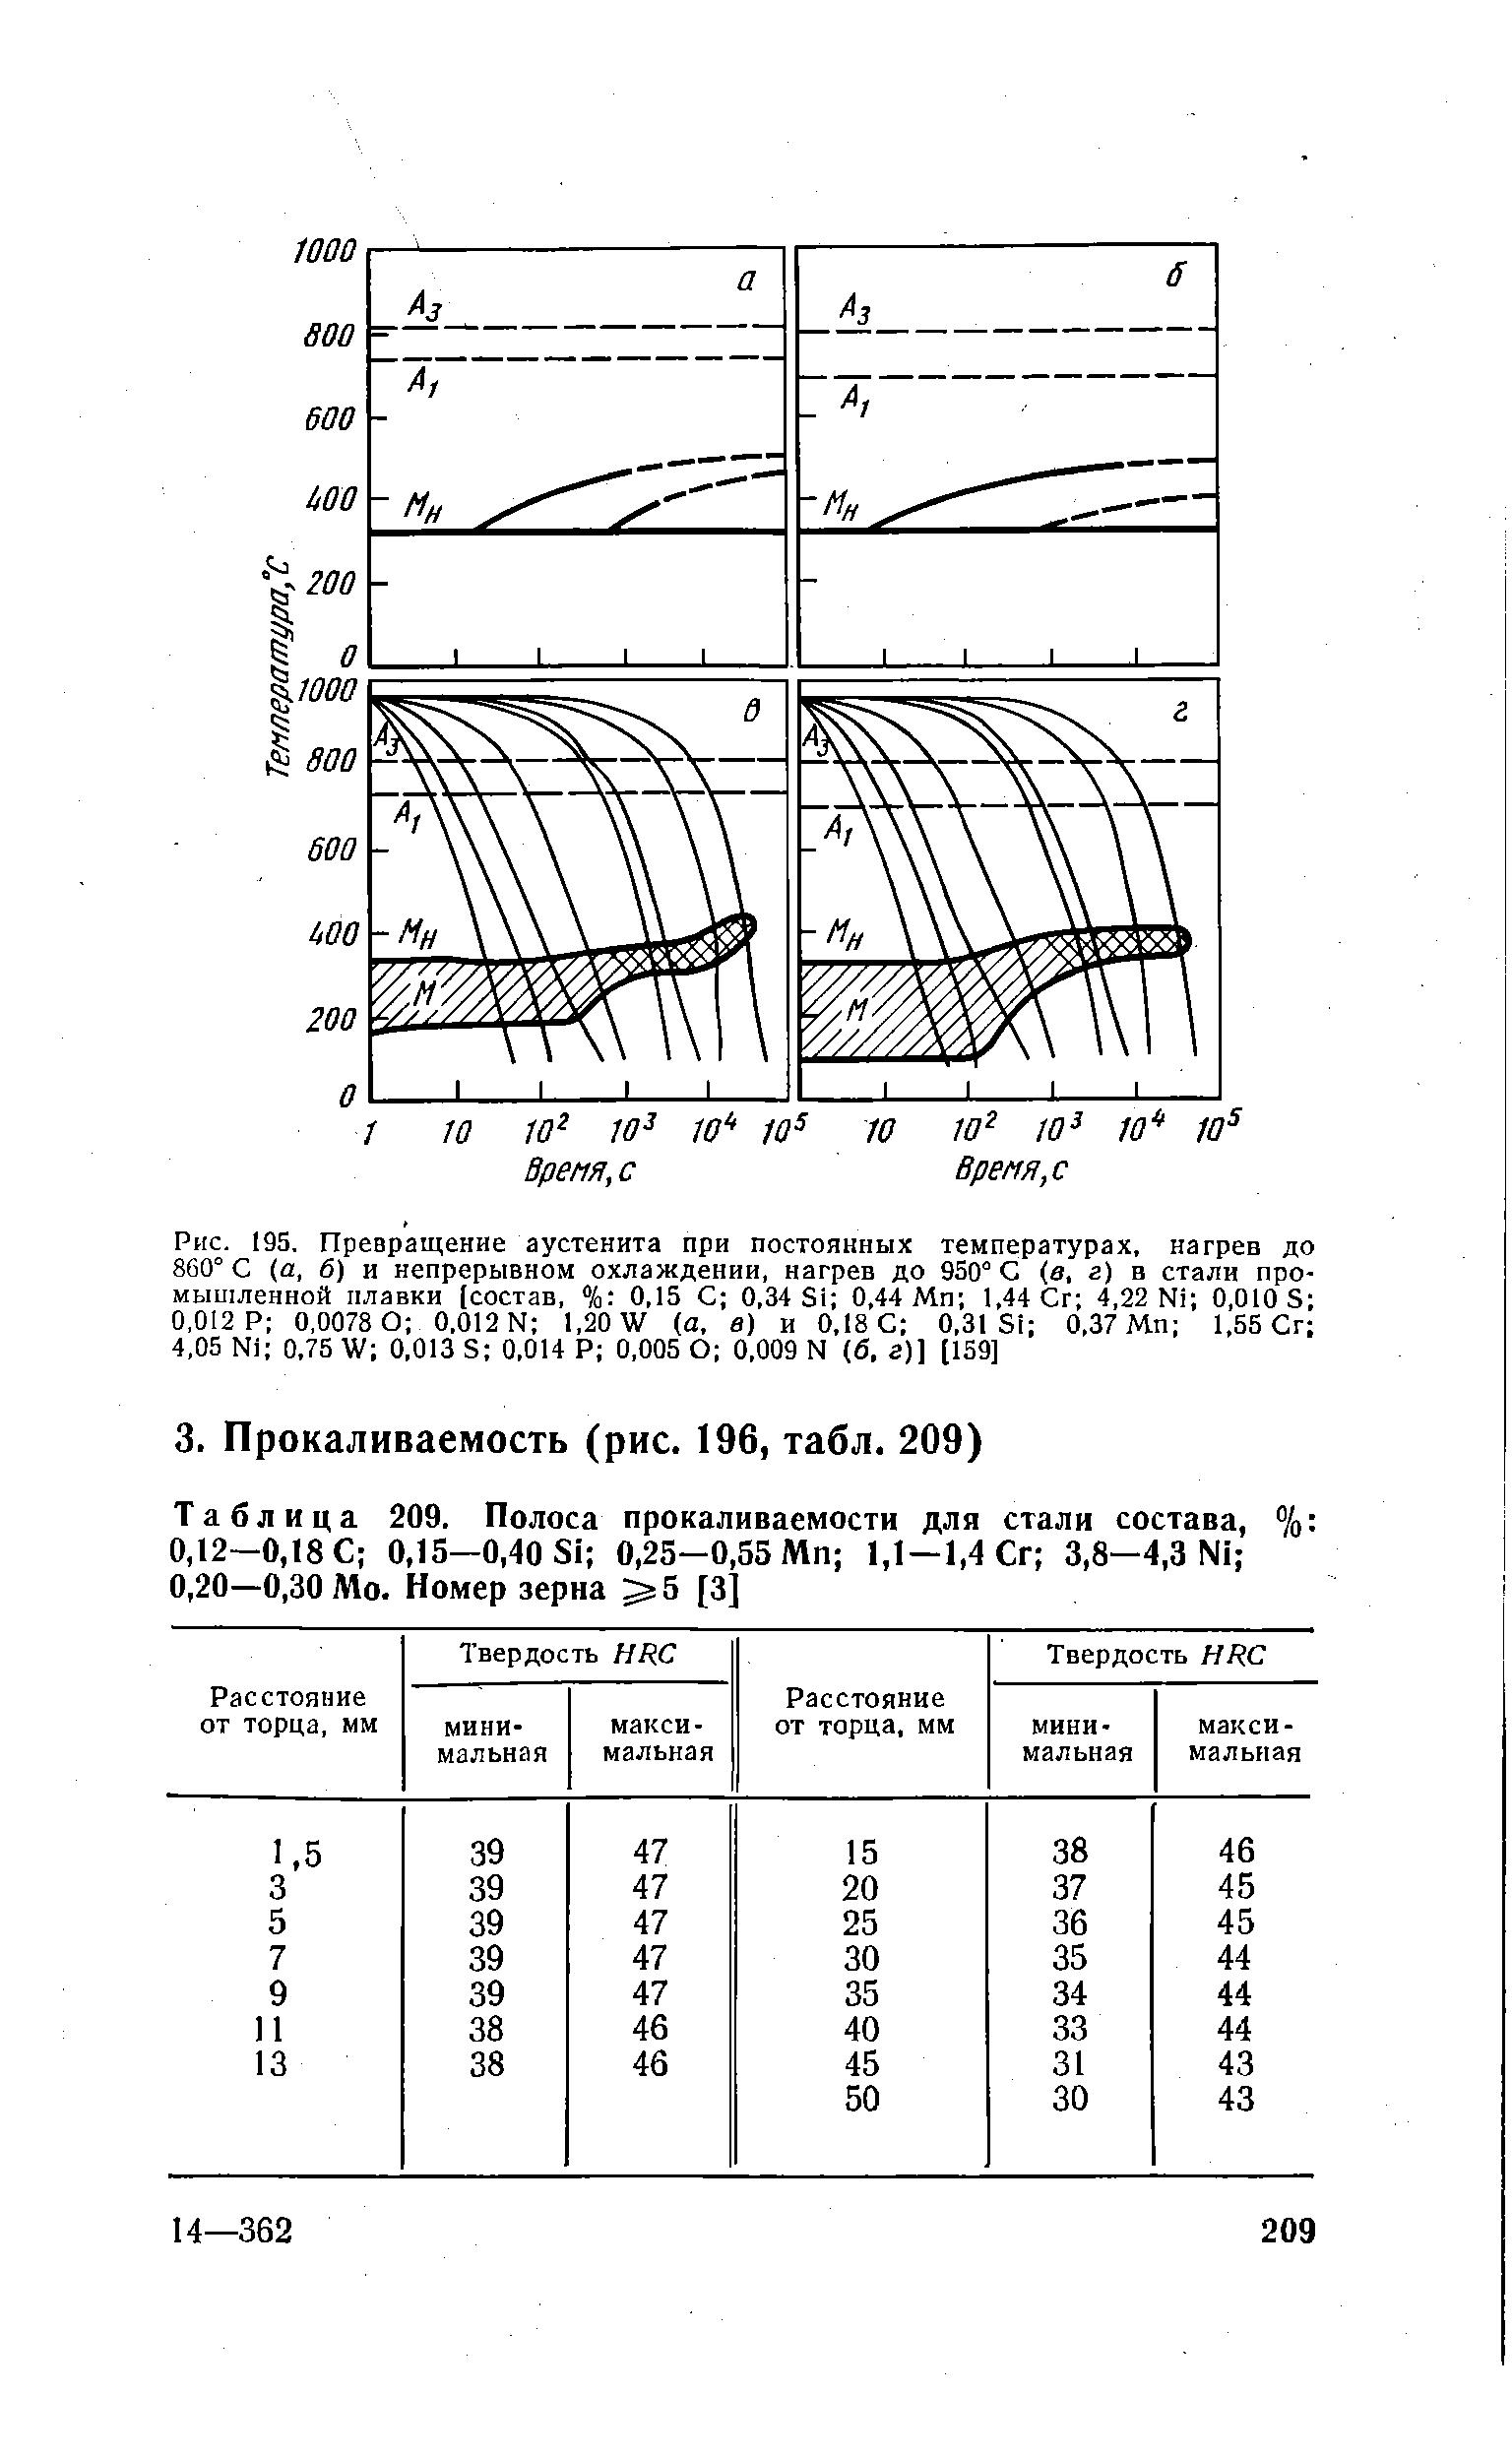 Прокаливаемость сталей: полосы прокаливаемости